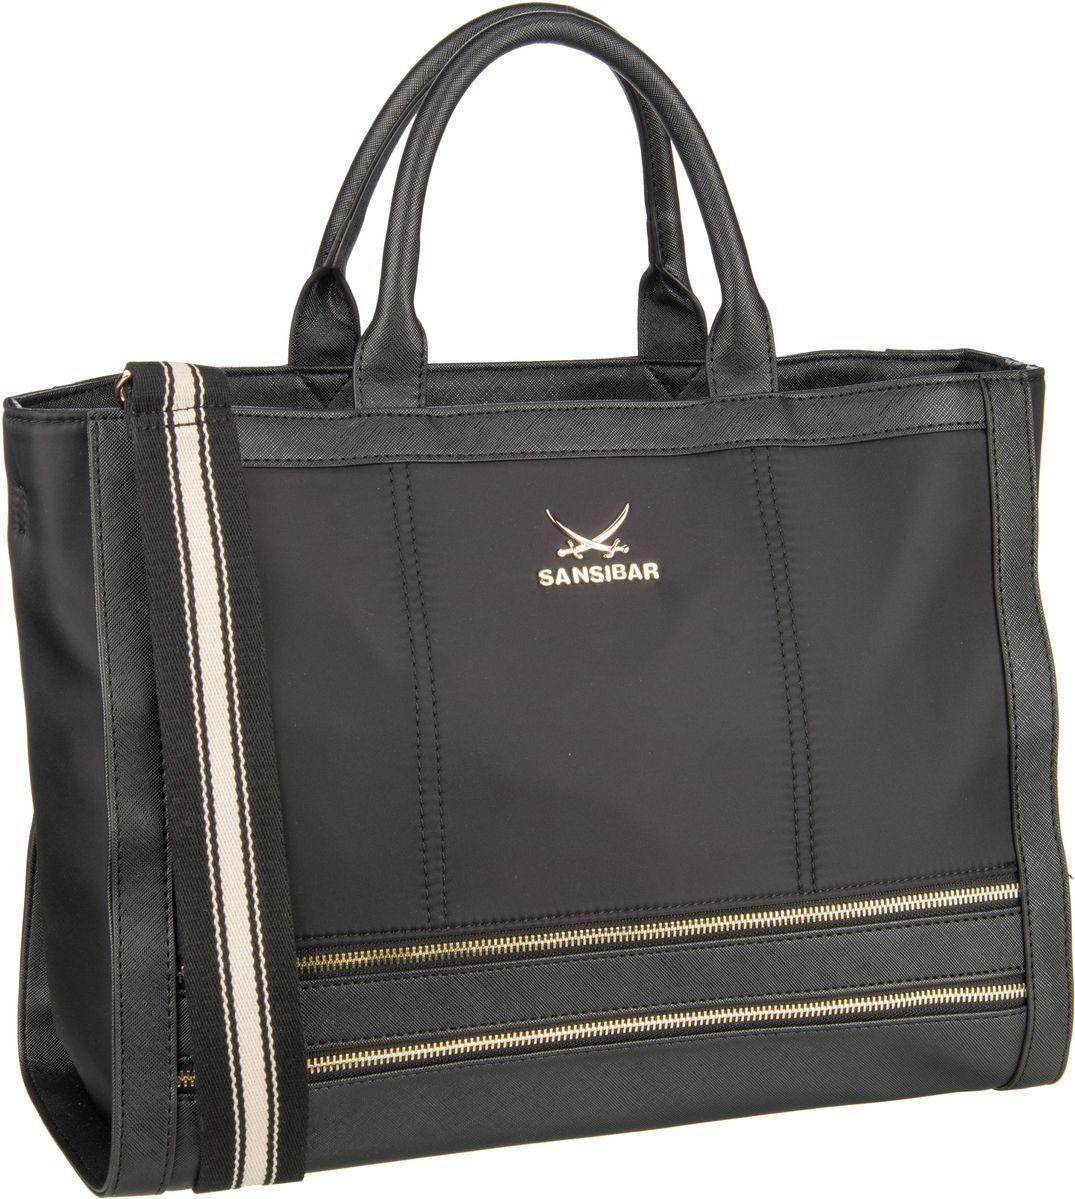 Sansibar Handtasche »Shopper Bag 1279«